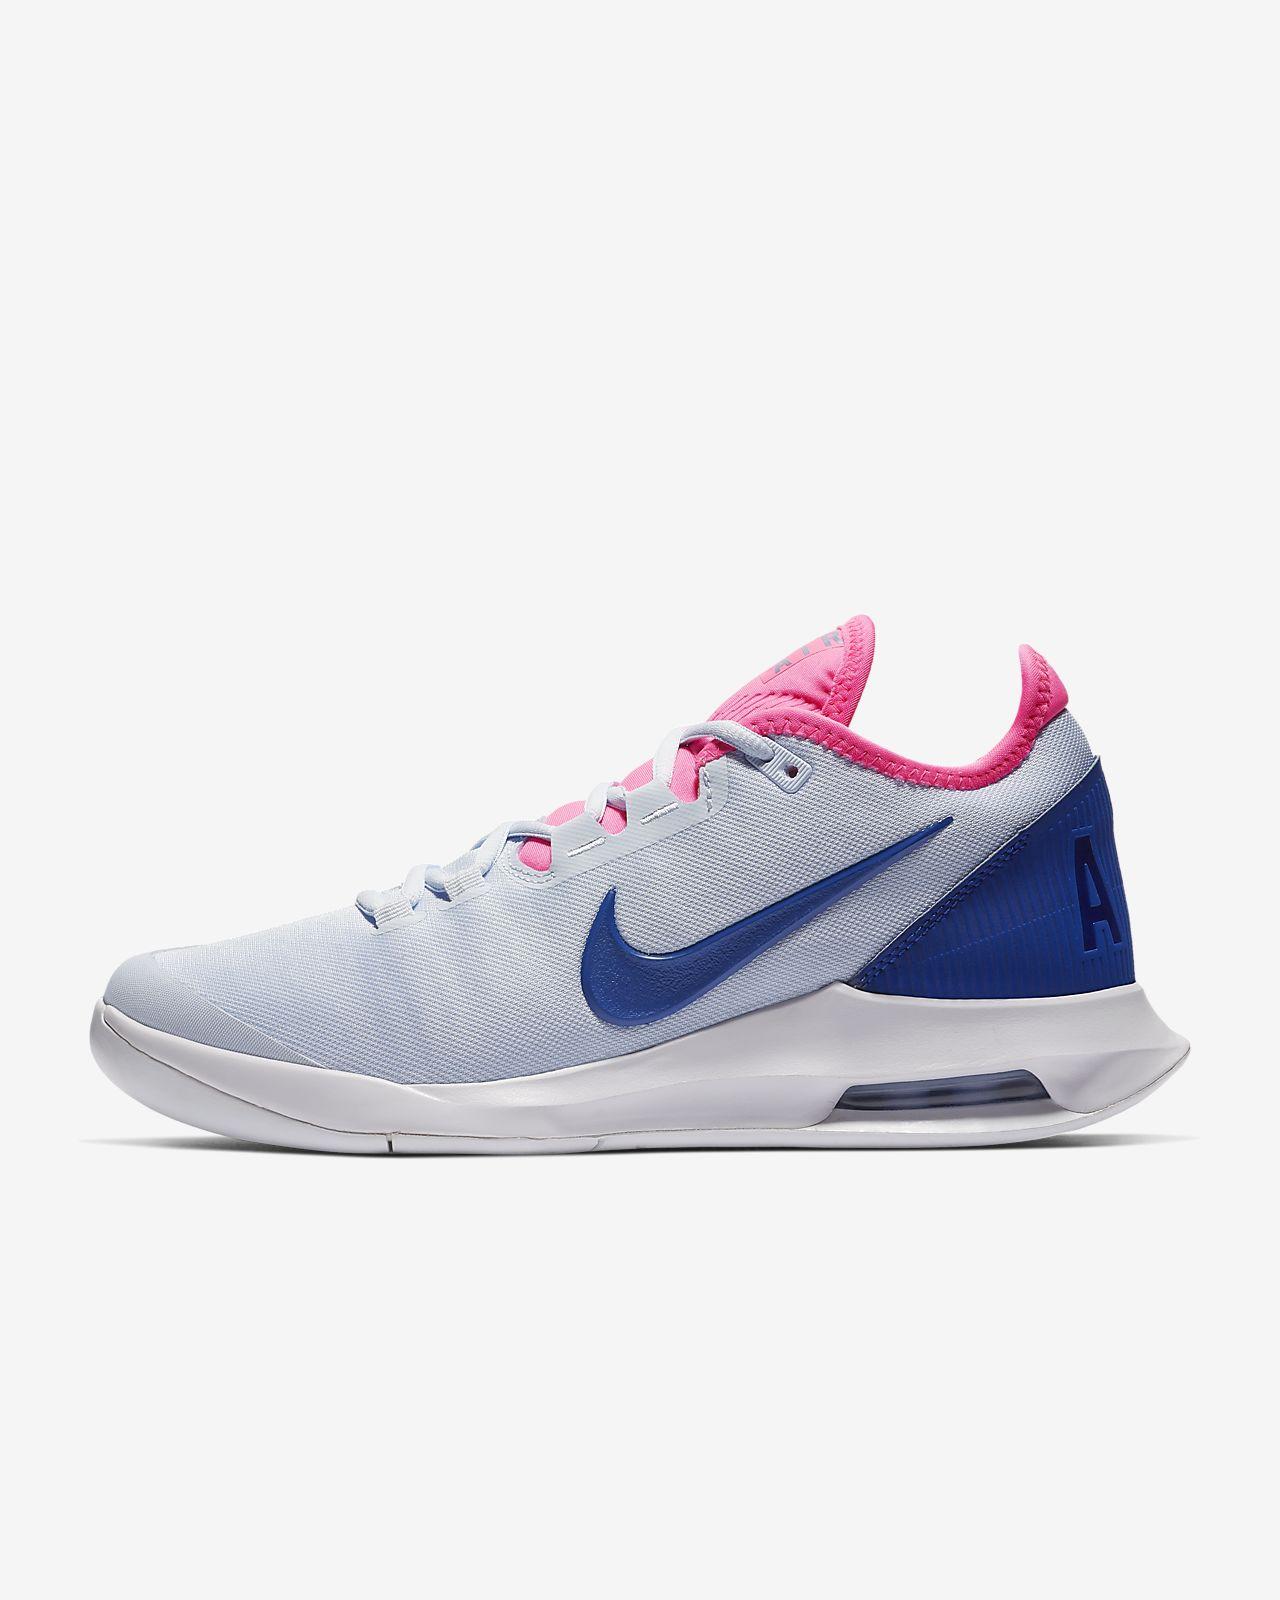 NikeCourt Air Max Wildcard Kadın Tenis Ayakkabısı